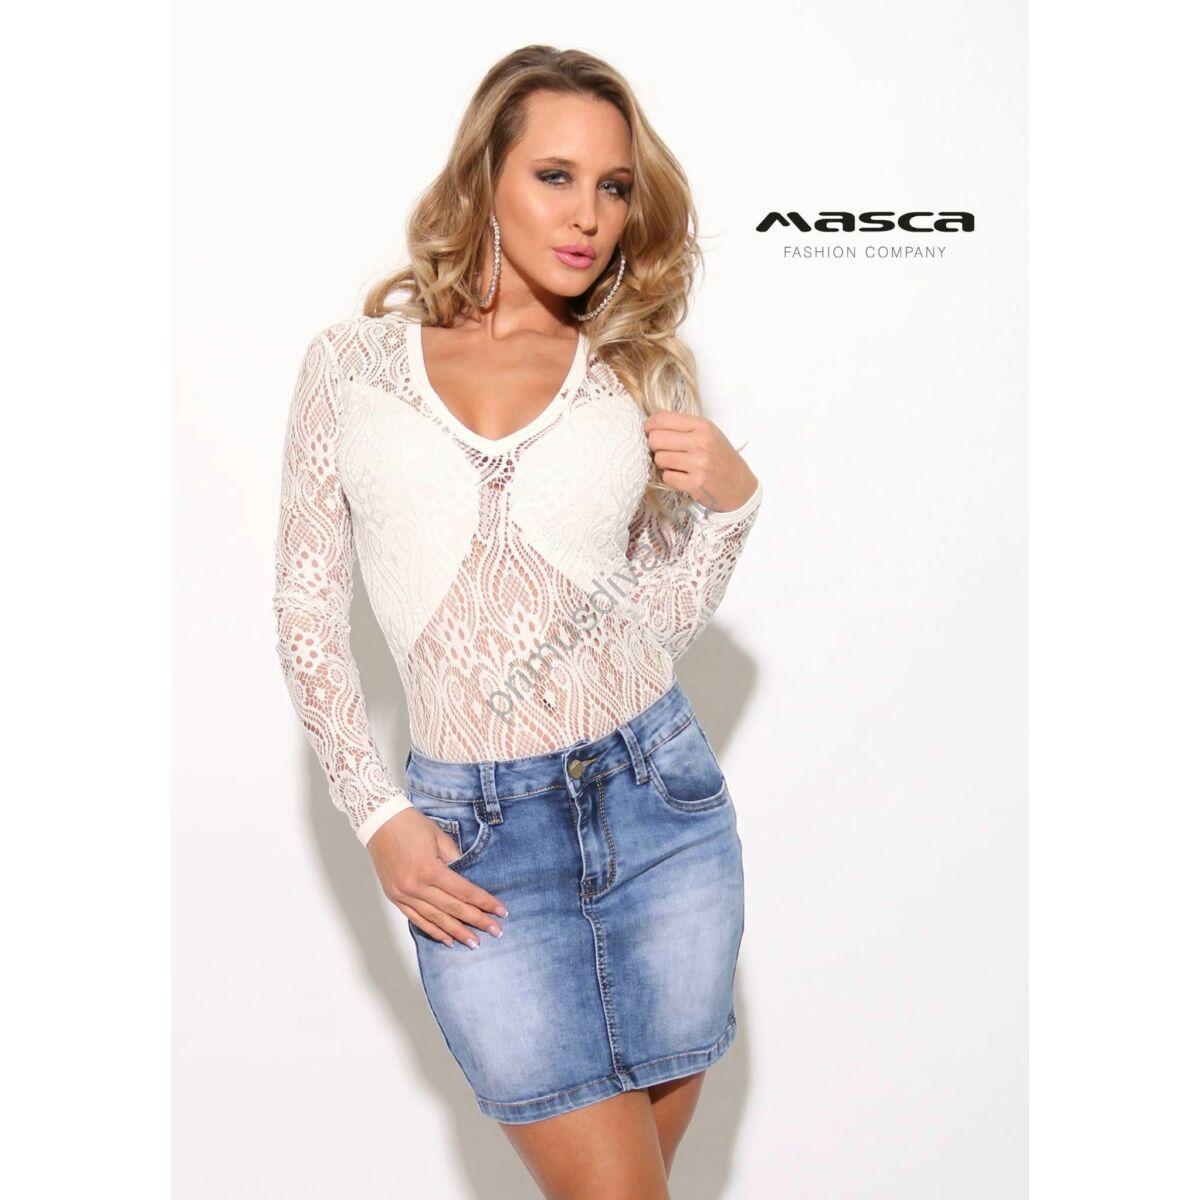 41a8161cce Kép 1/1 - Masca Fashion rafináltan alábélelt hosszú ujjú rugalmas fehér  csipke body